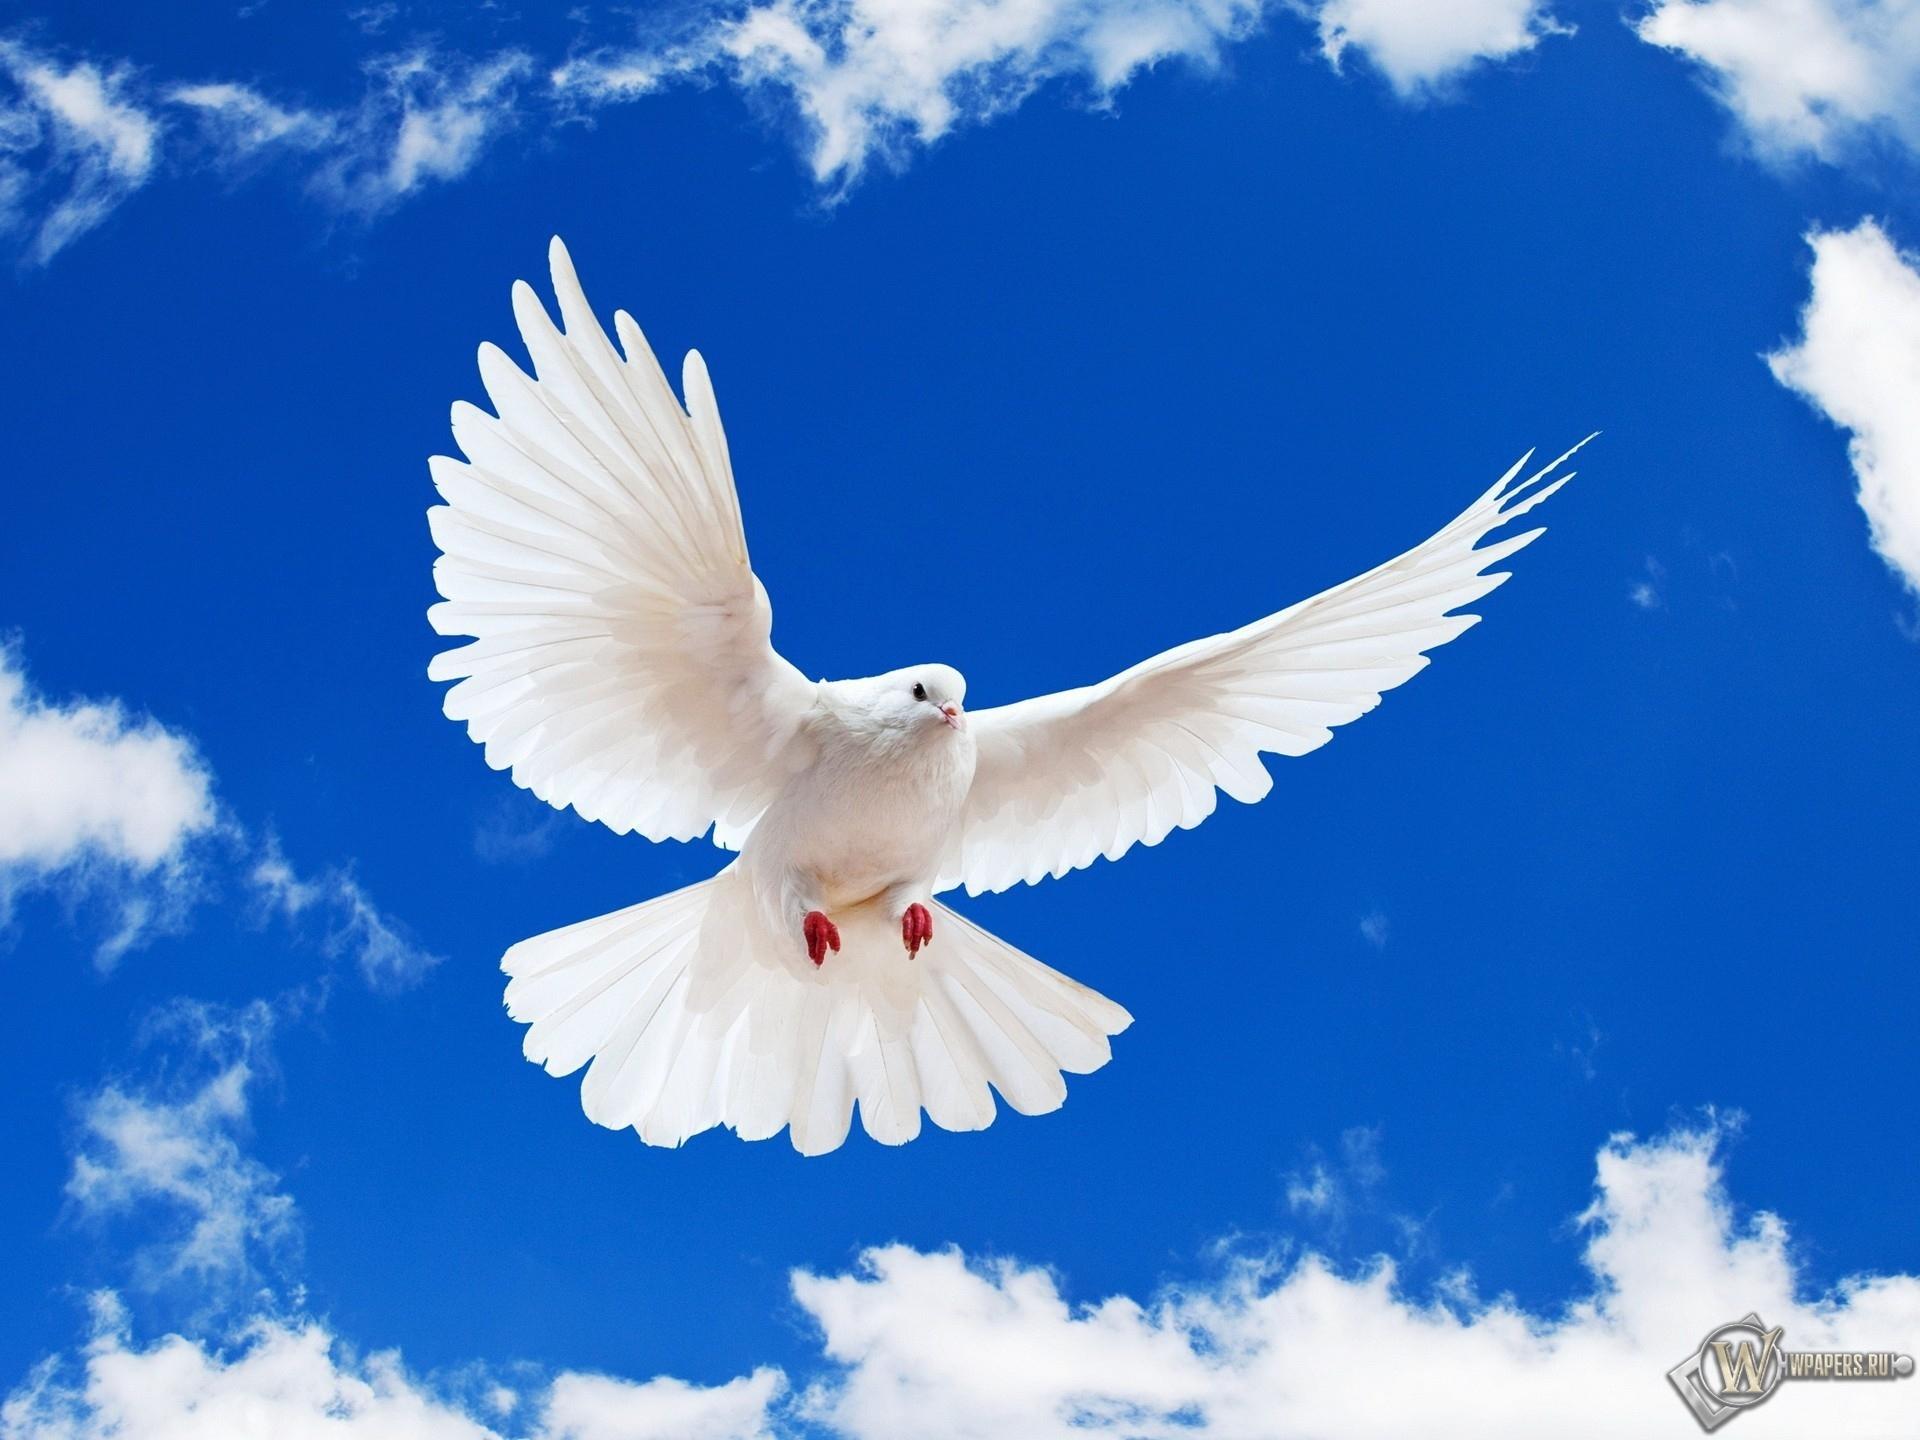 Летящий белый голубь 1920x1440